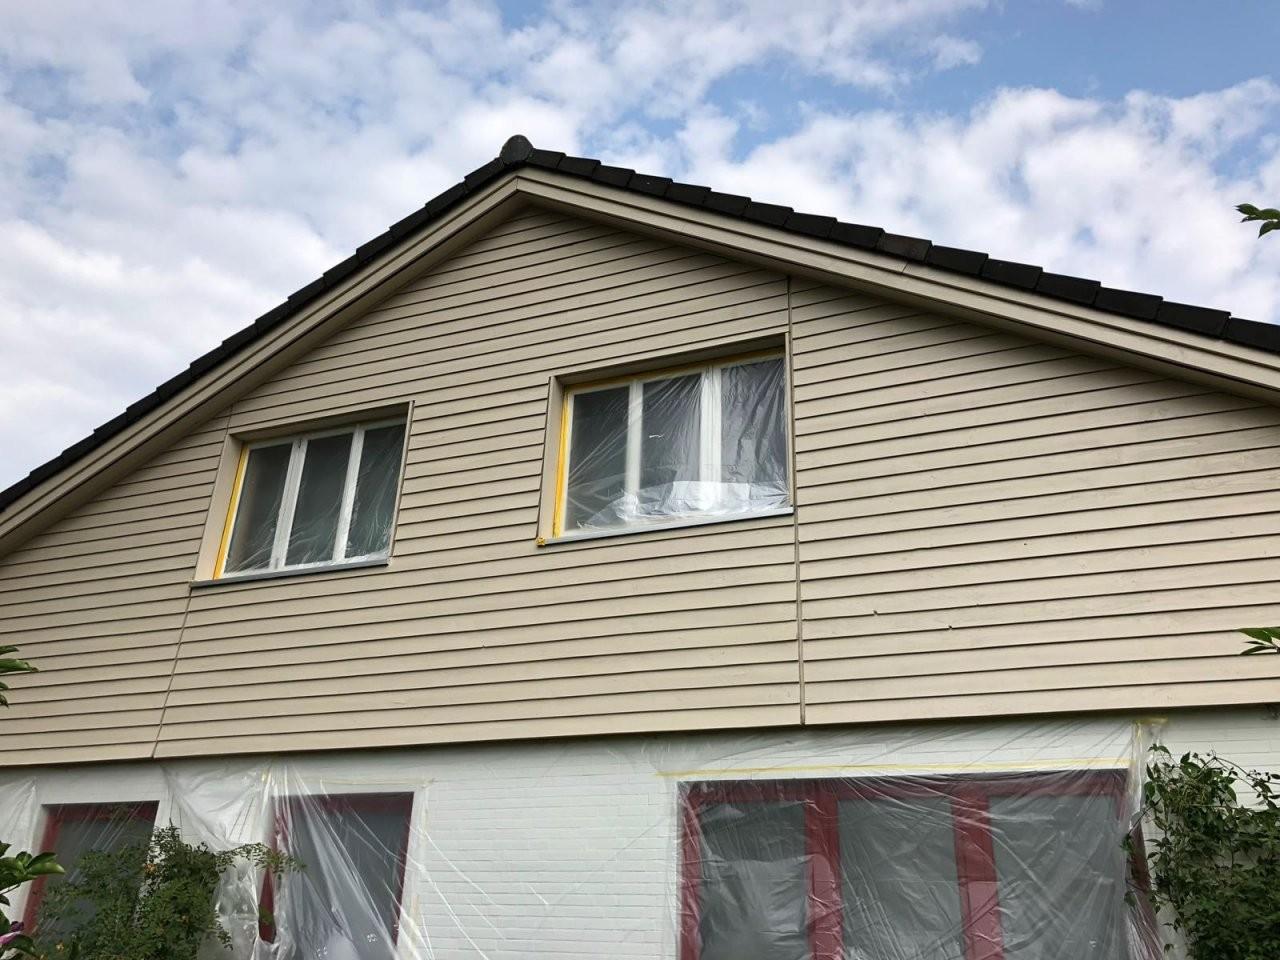 Kosten Fassade Streichen Lassen  Malerbetrieb  Profimaler Hamburg von Fassade Streichen Kosten Pro Qm Bild